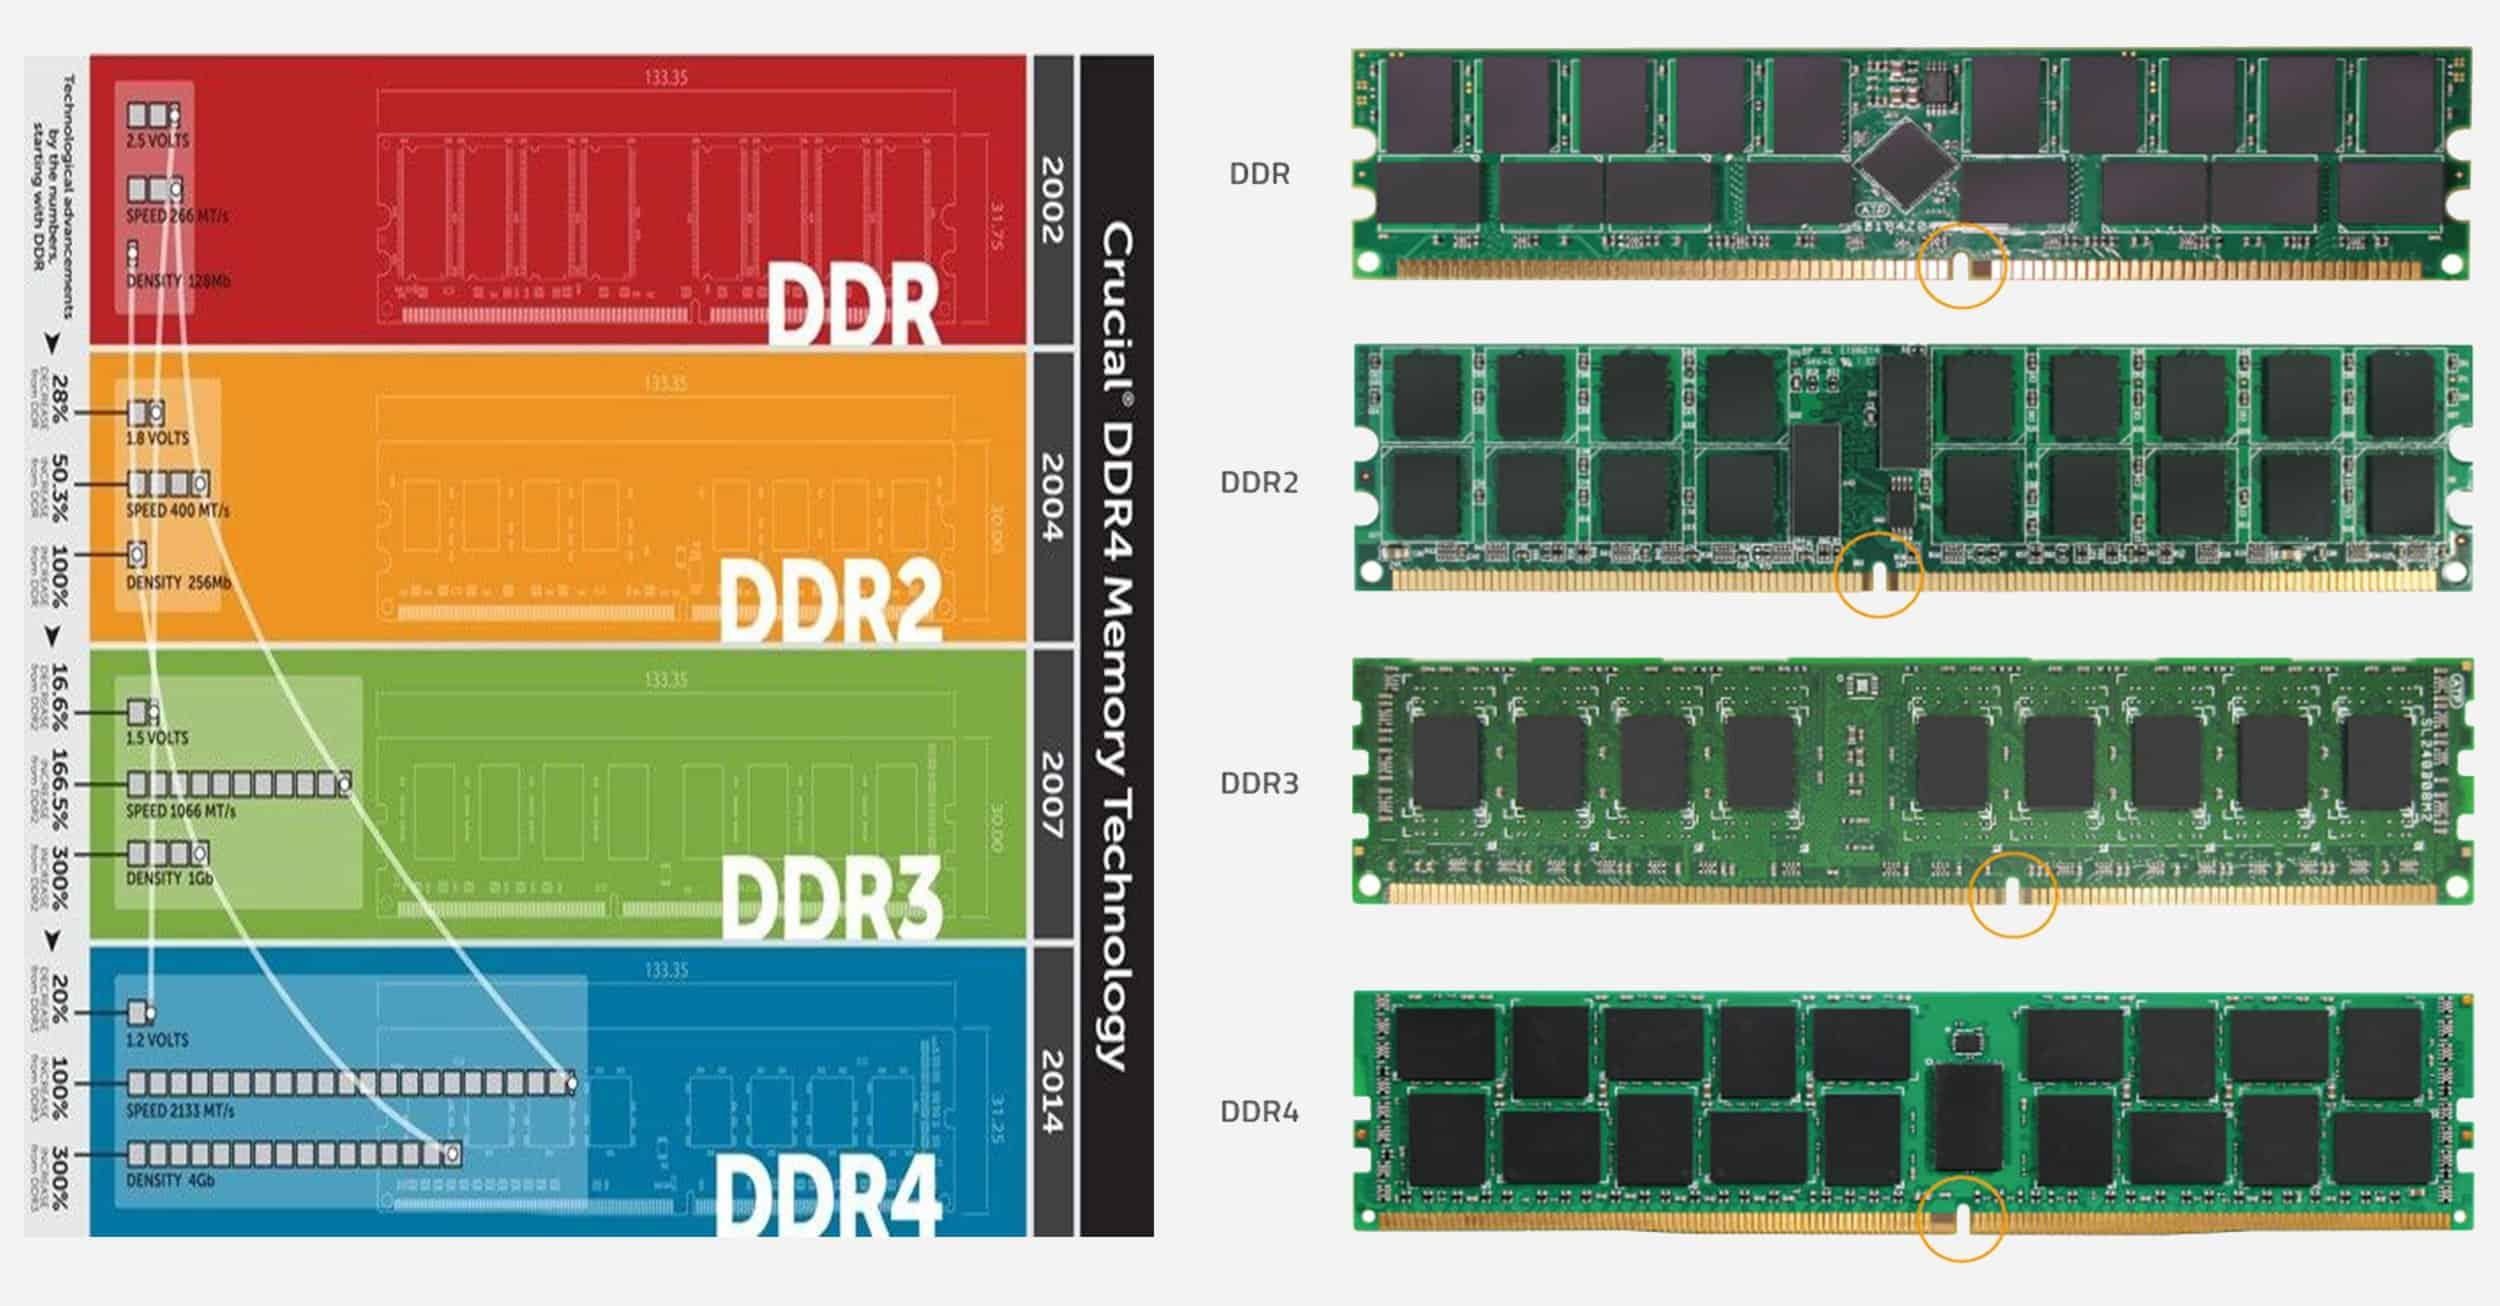 الفرق بين كل نوع من الـ DDR واختلاف المداخل